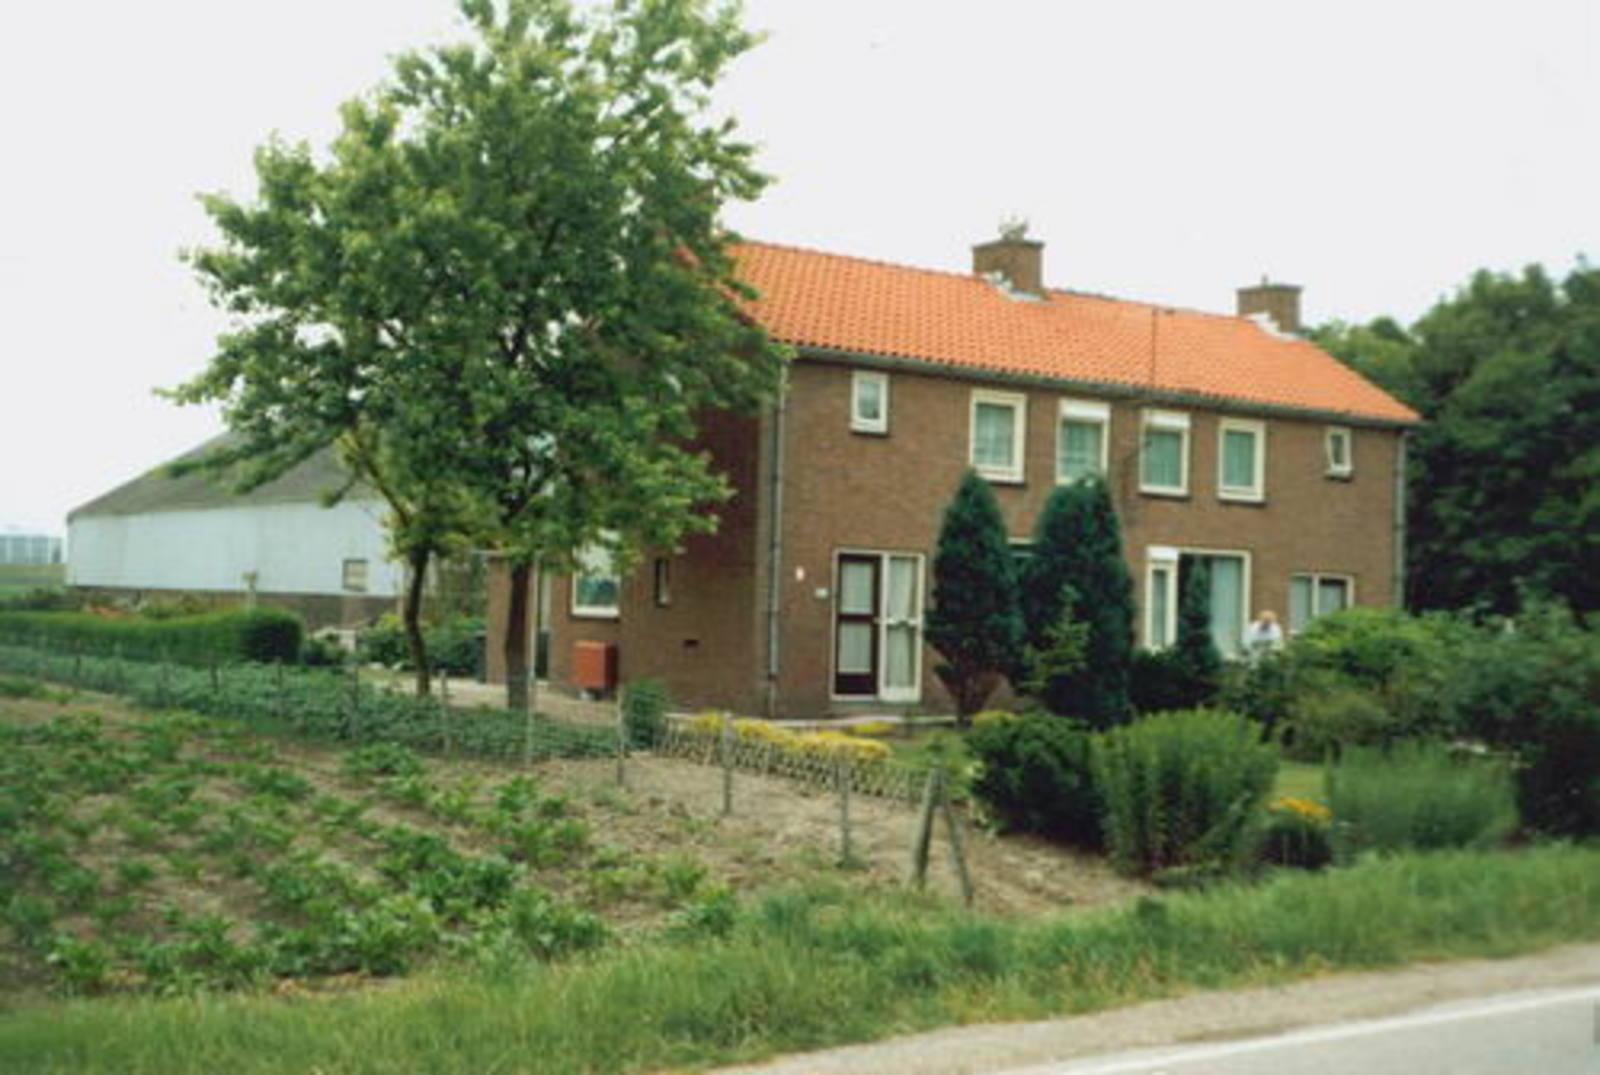 Rijnlanderweg W 0925-927 196_ Huize Aarsen - Kerzaan